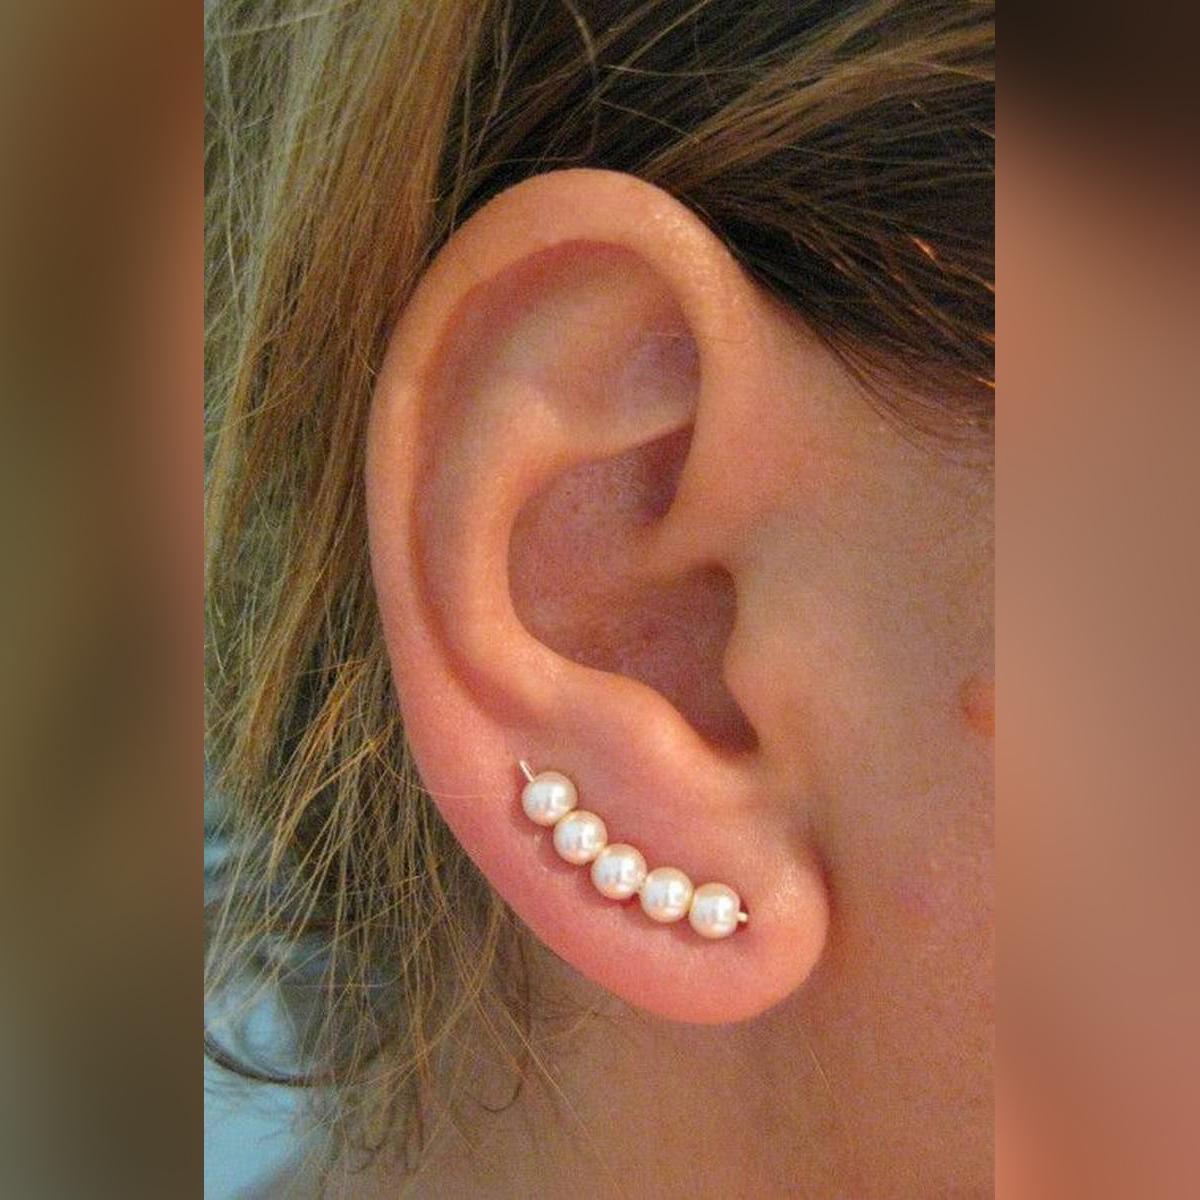 Ear cuff For Girls